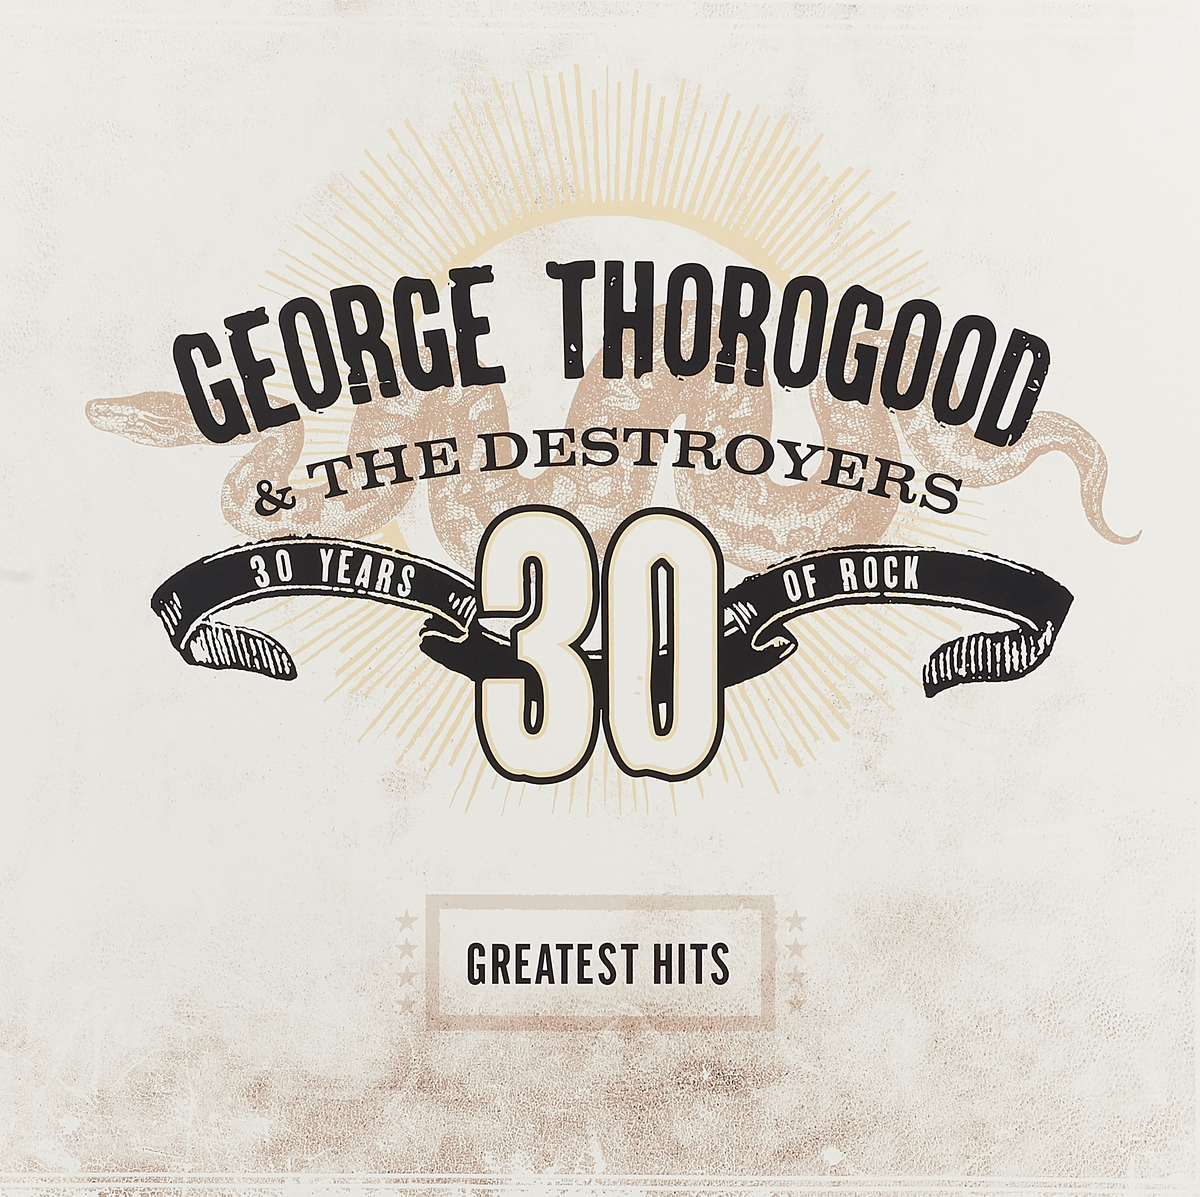 Джордж Торогуд George Thorogood. Greatest Hits: 30 Years Of Rock (2 LP) george thorogood george thorogood party of one